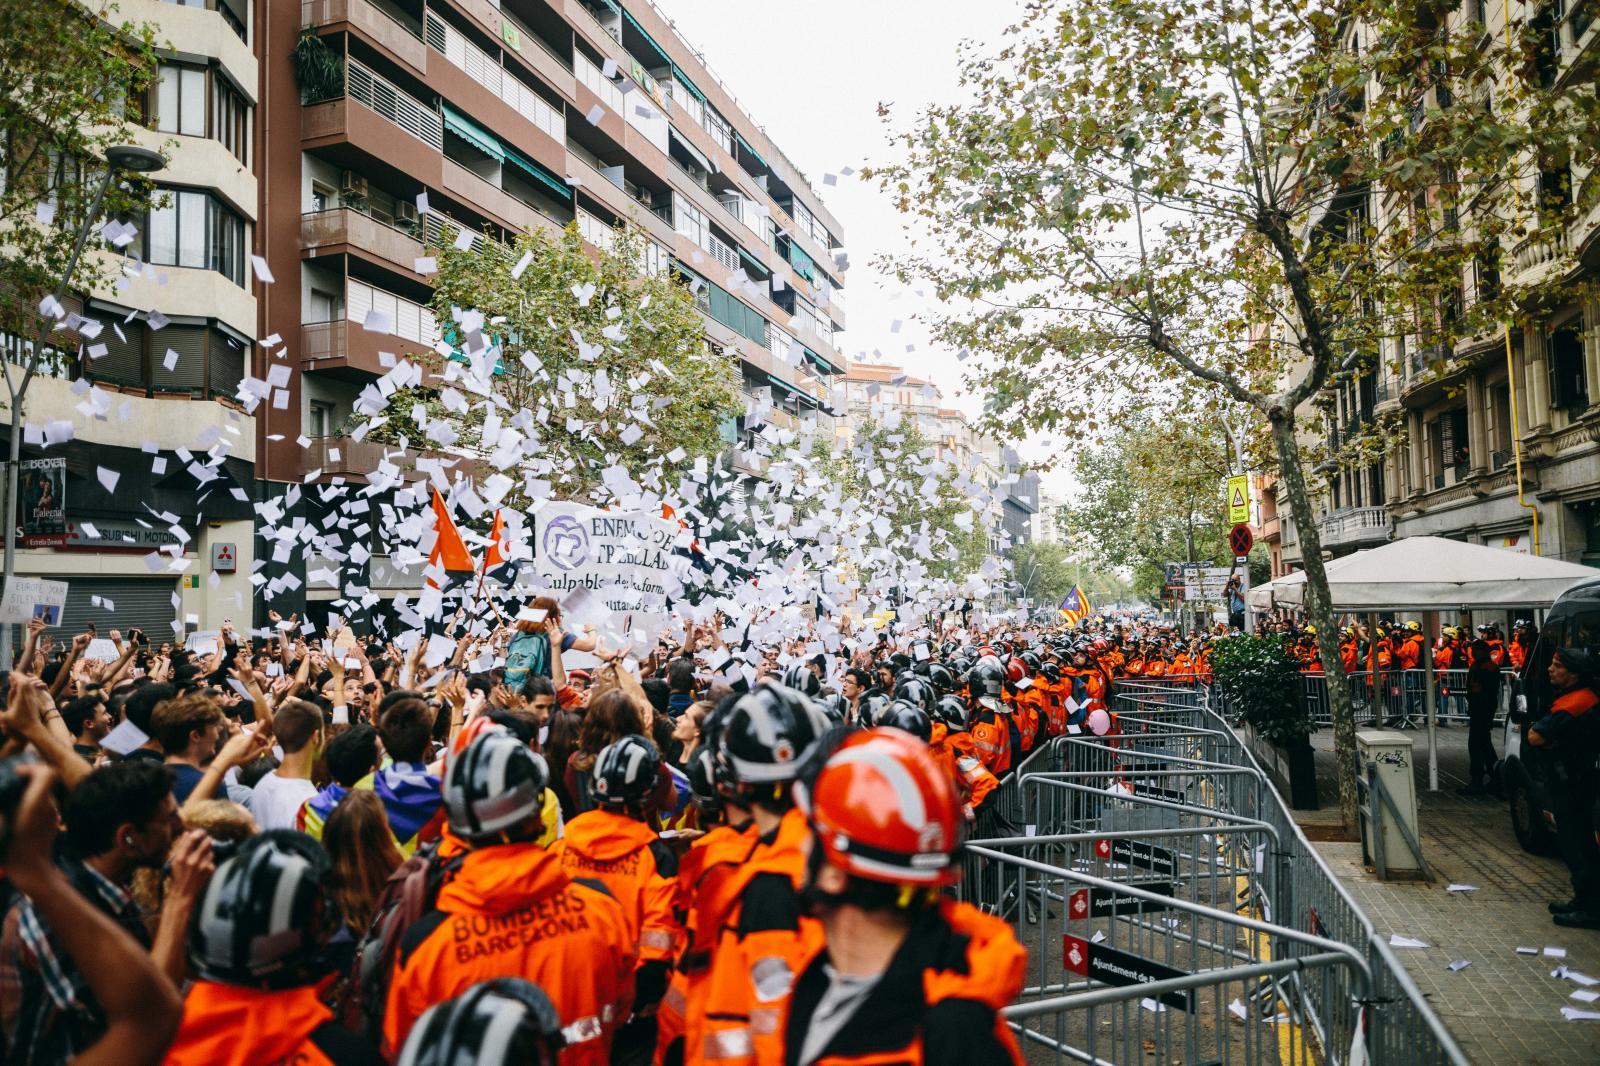 General Strike in Barcelona demanding Independence. October 3rd, 2017